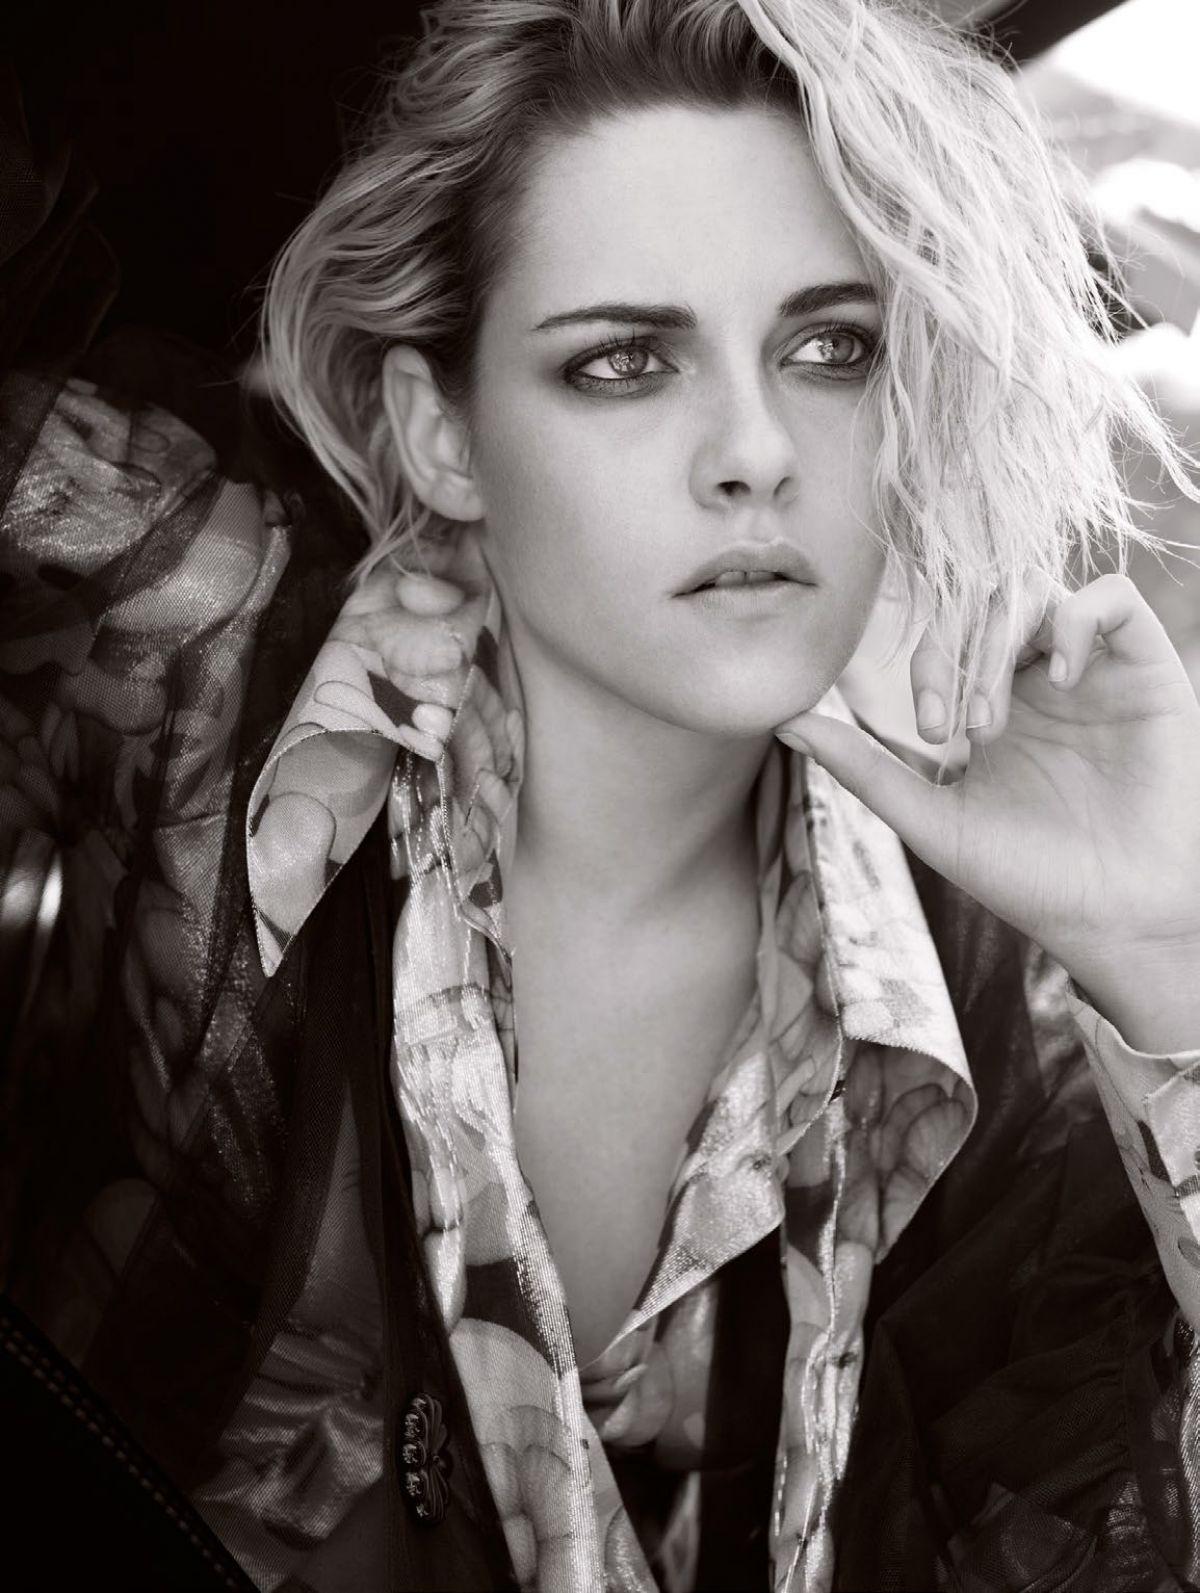 Kristen Stewart Photo Shoot for Elle Magazine UK September 2016